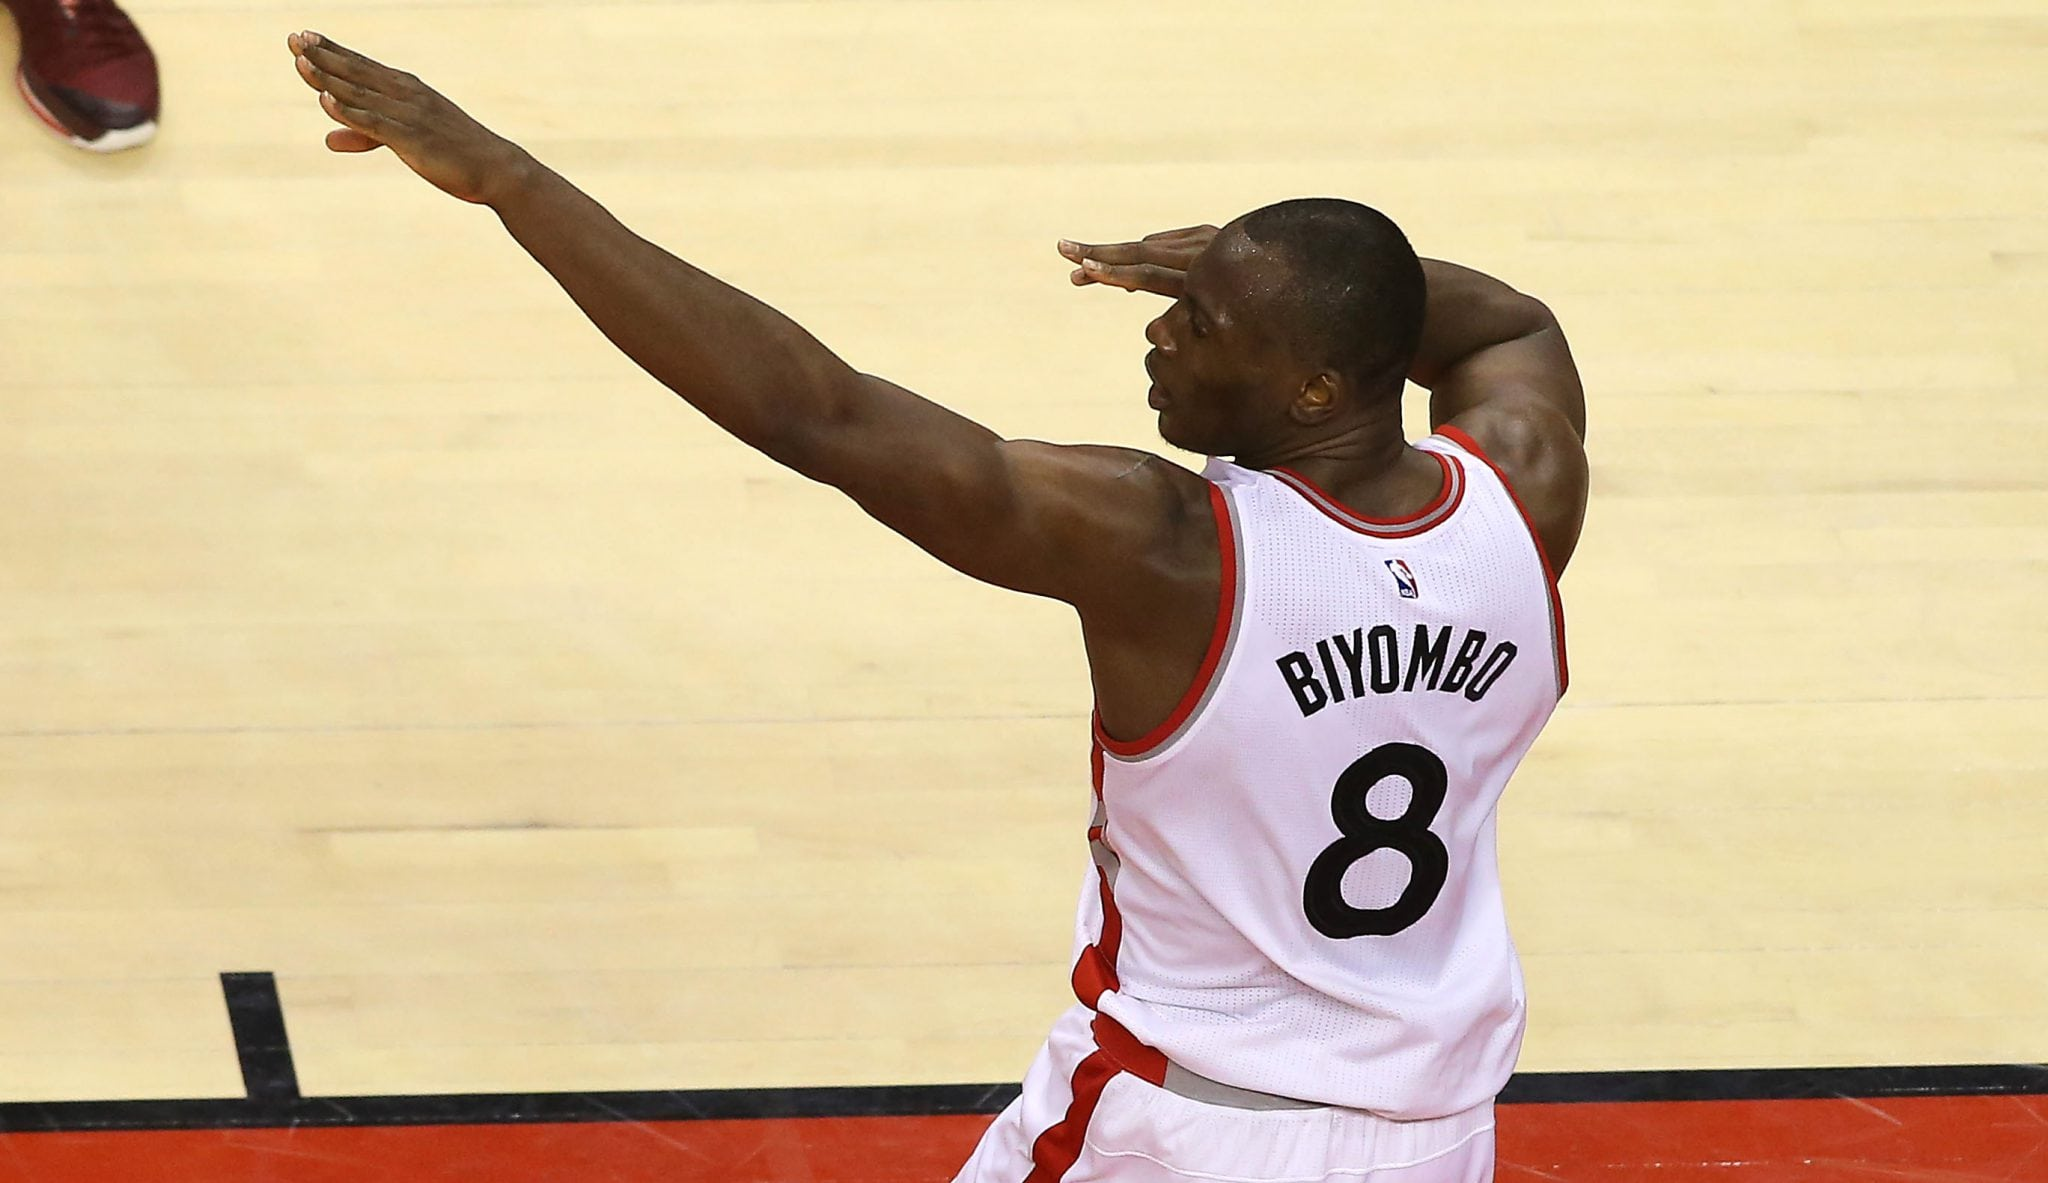 ¿Contratazo para Biyombo? Ejecutivos NBA le ven firmando entre 16 y 20 millones por año